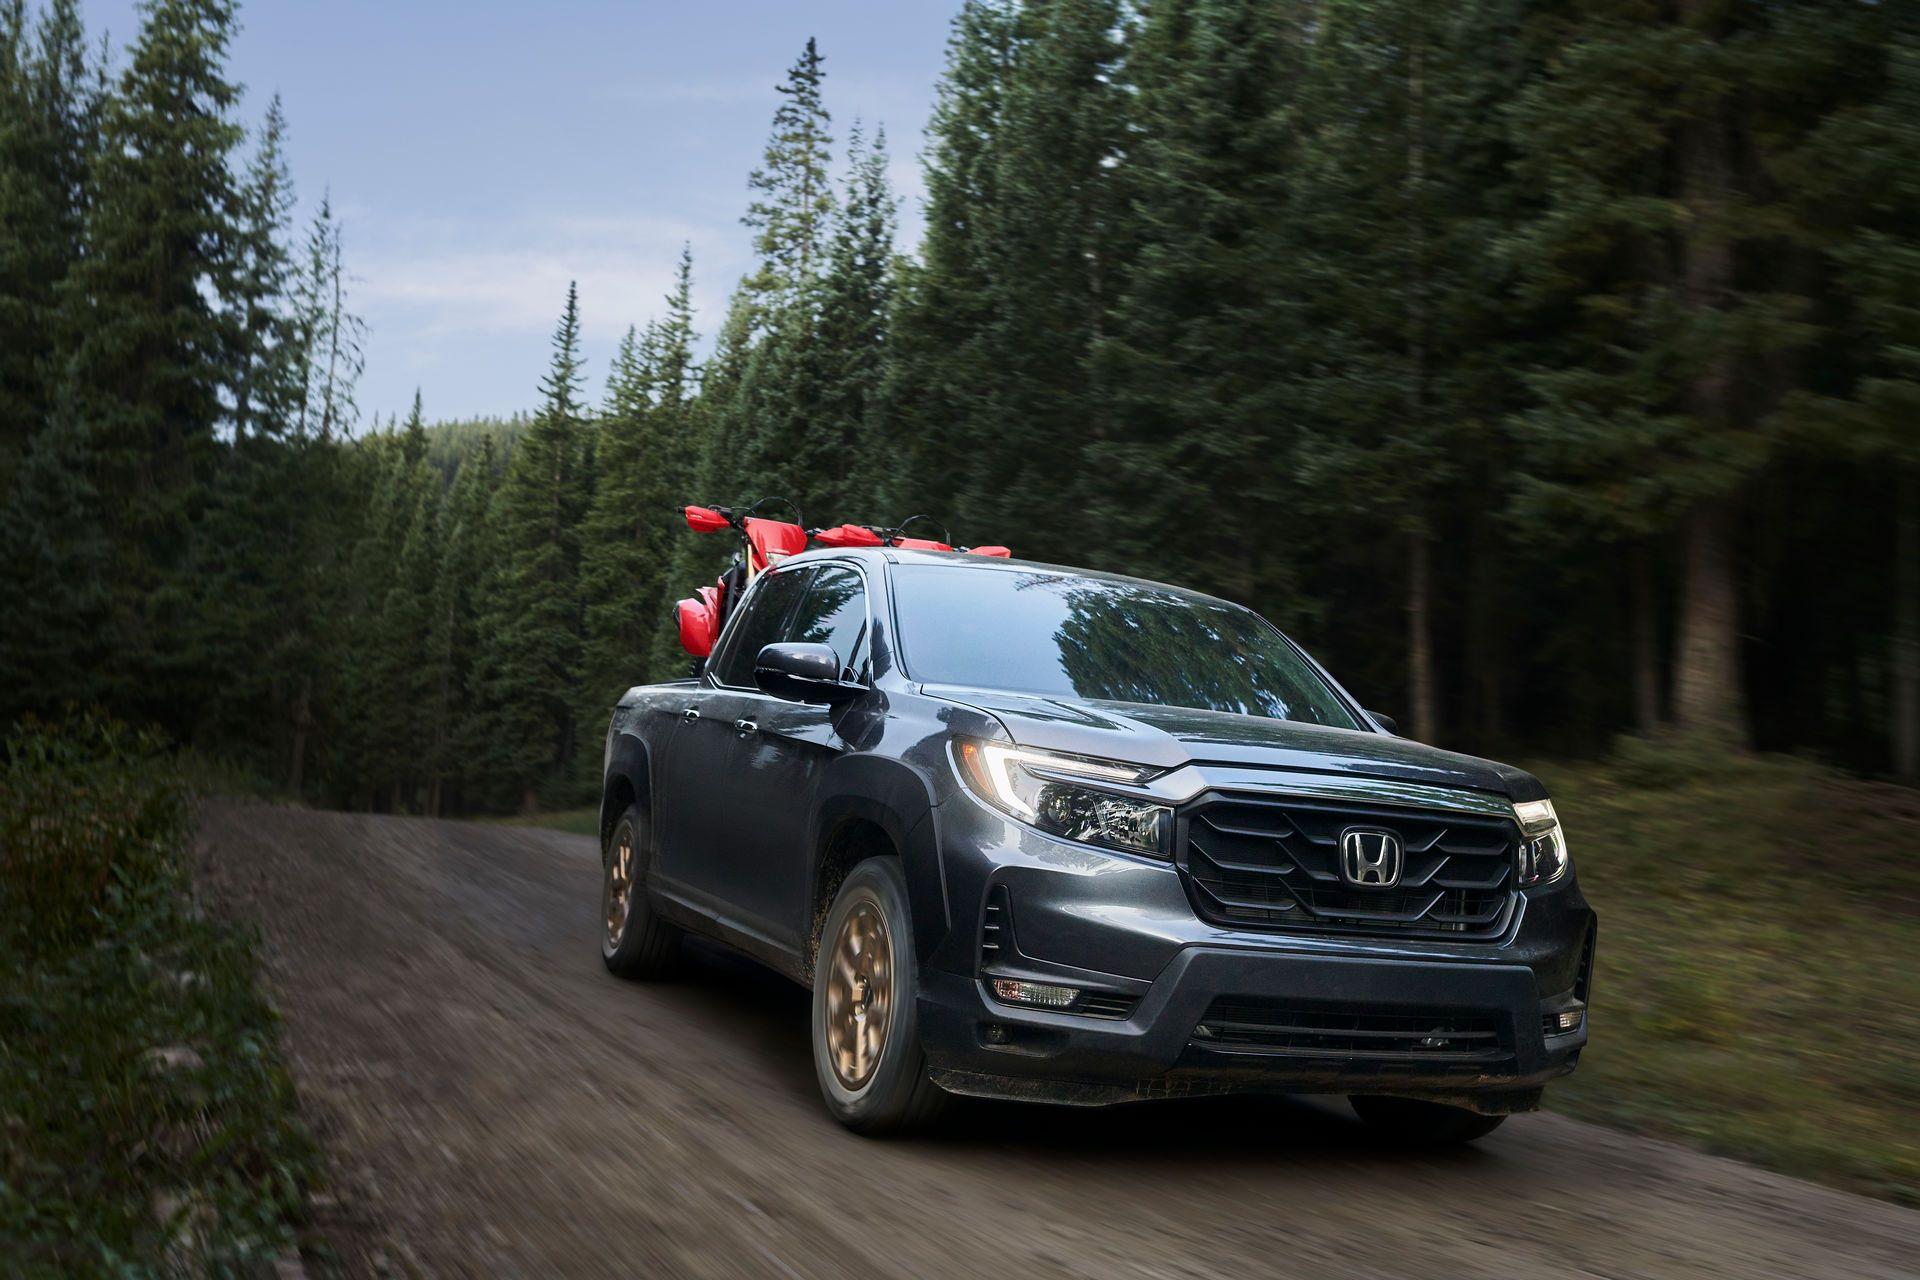 Honda-Ridgeline-facelift-2021-6